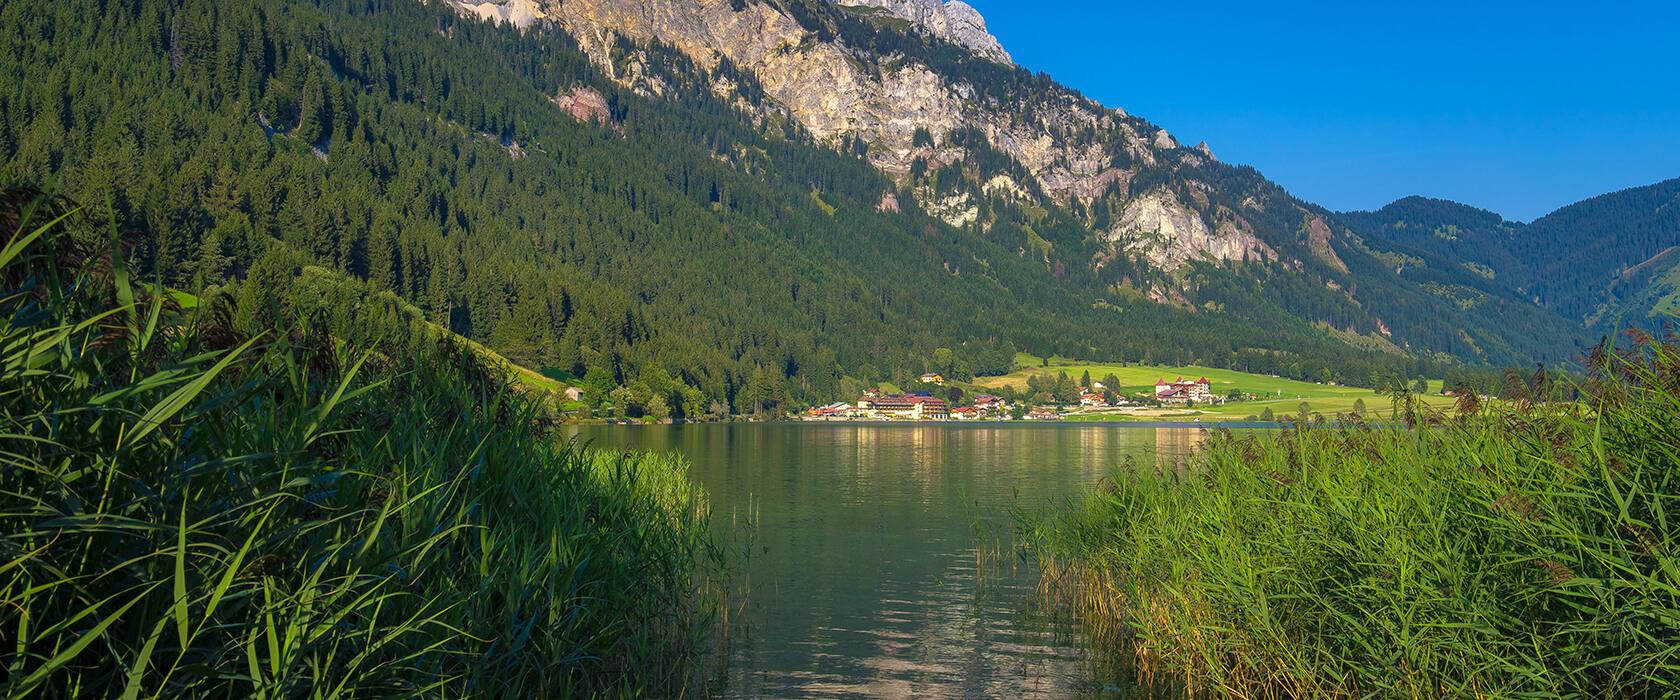 Sommerurlaub am Haldensee in Tirol im Hotel Via Salina